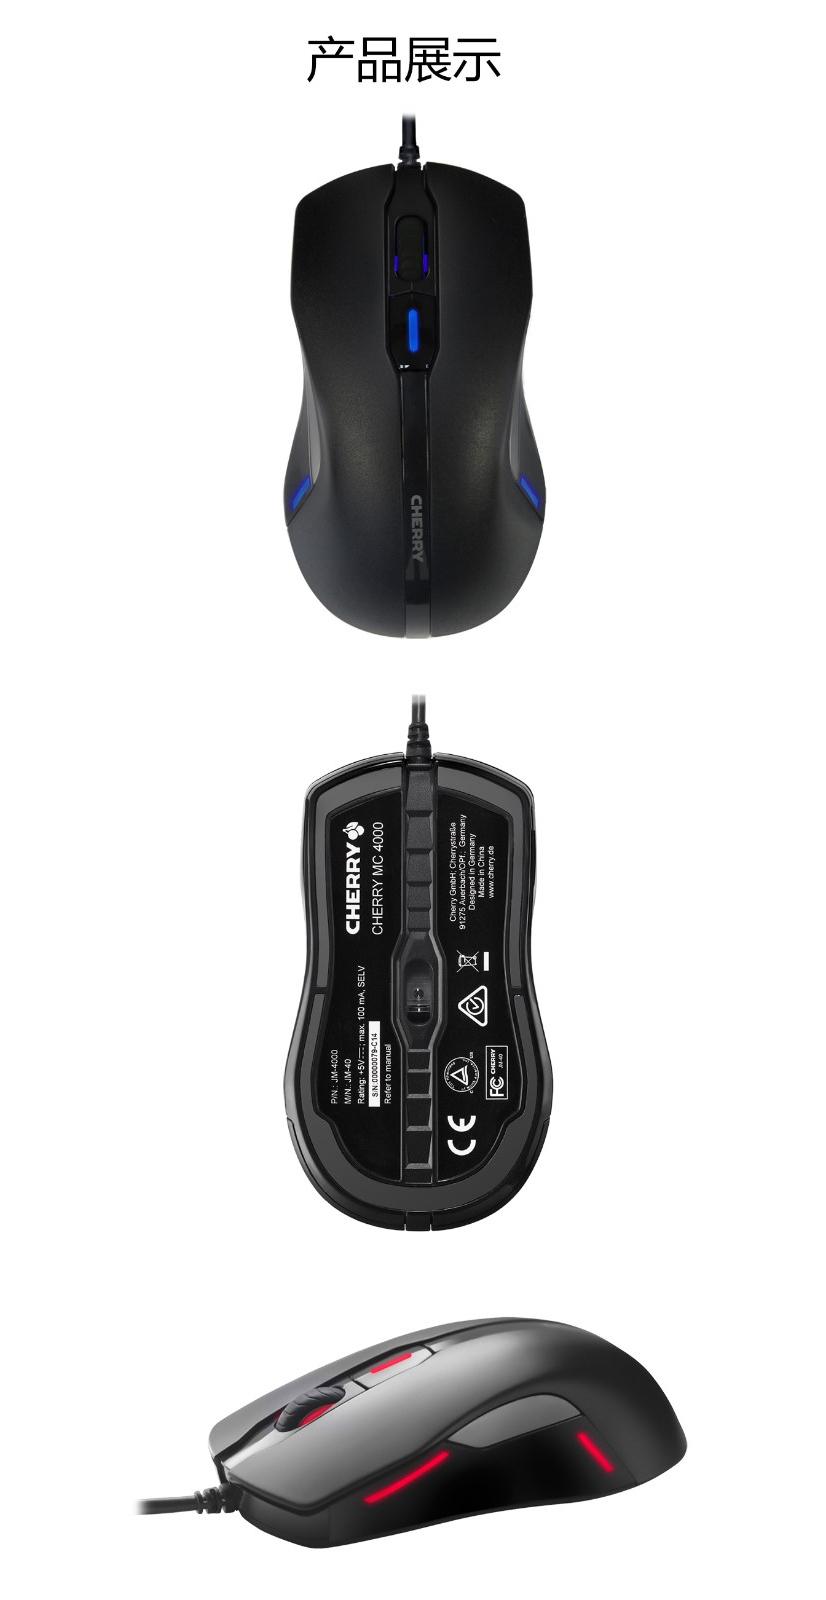 MC4000鼠标详情页10.jpg